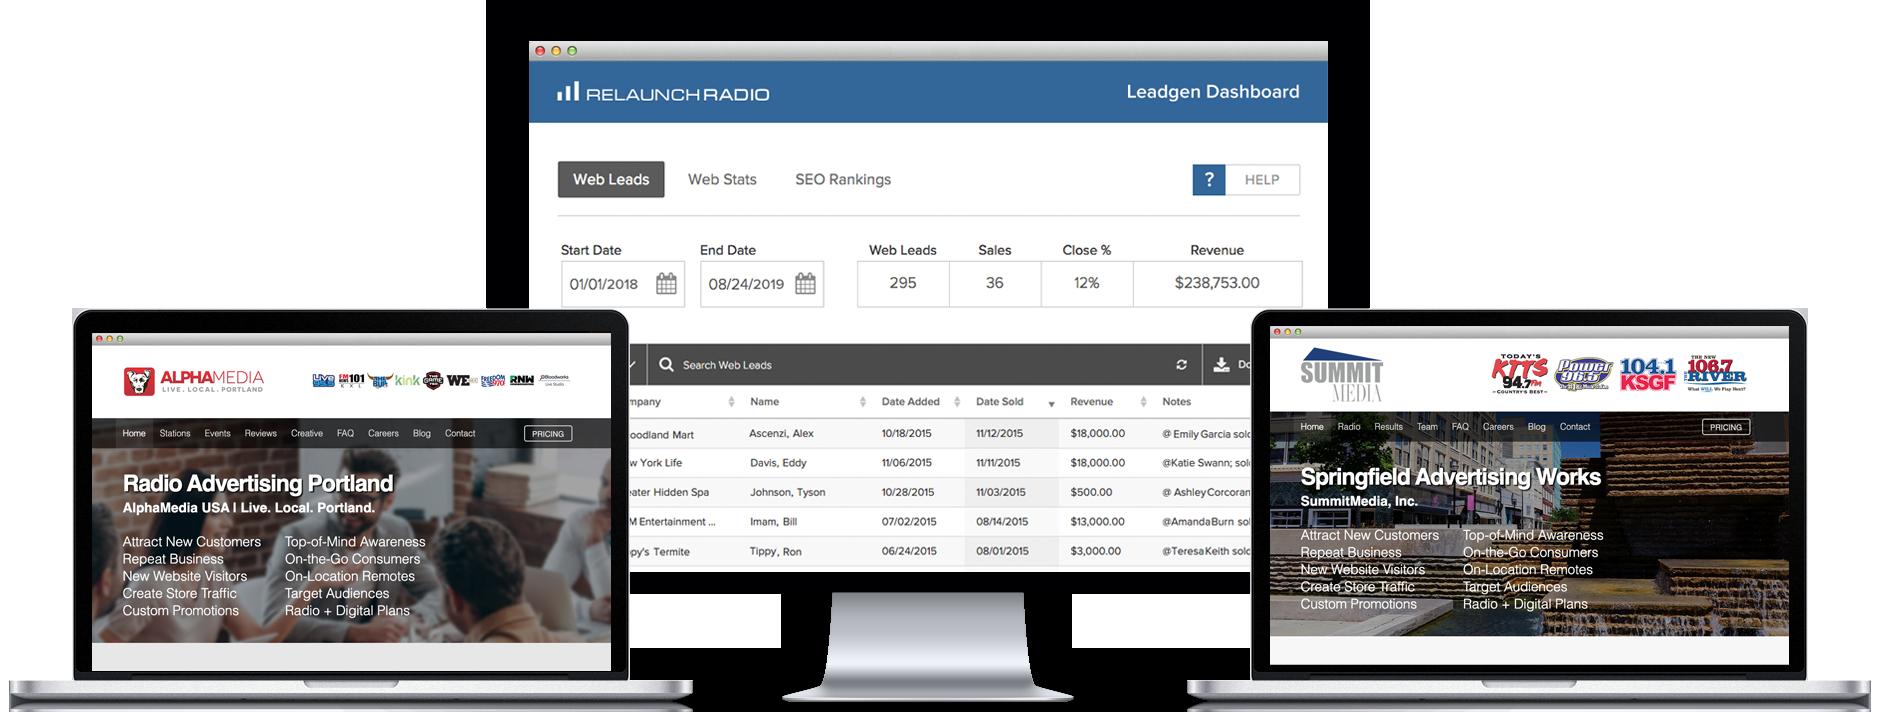 Relaunch radio online leadgen for for Local online sales websites